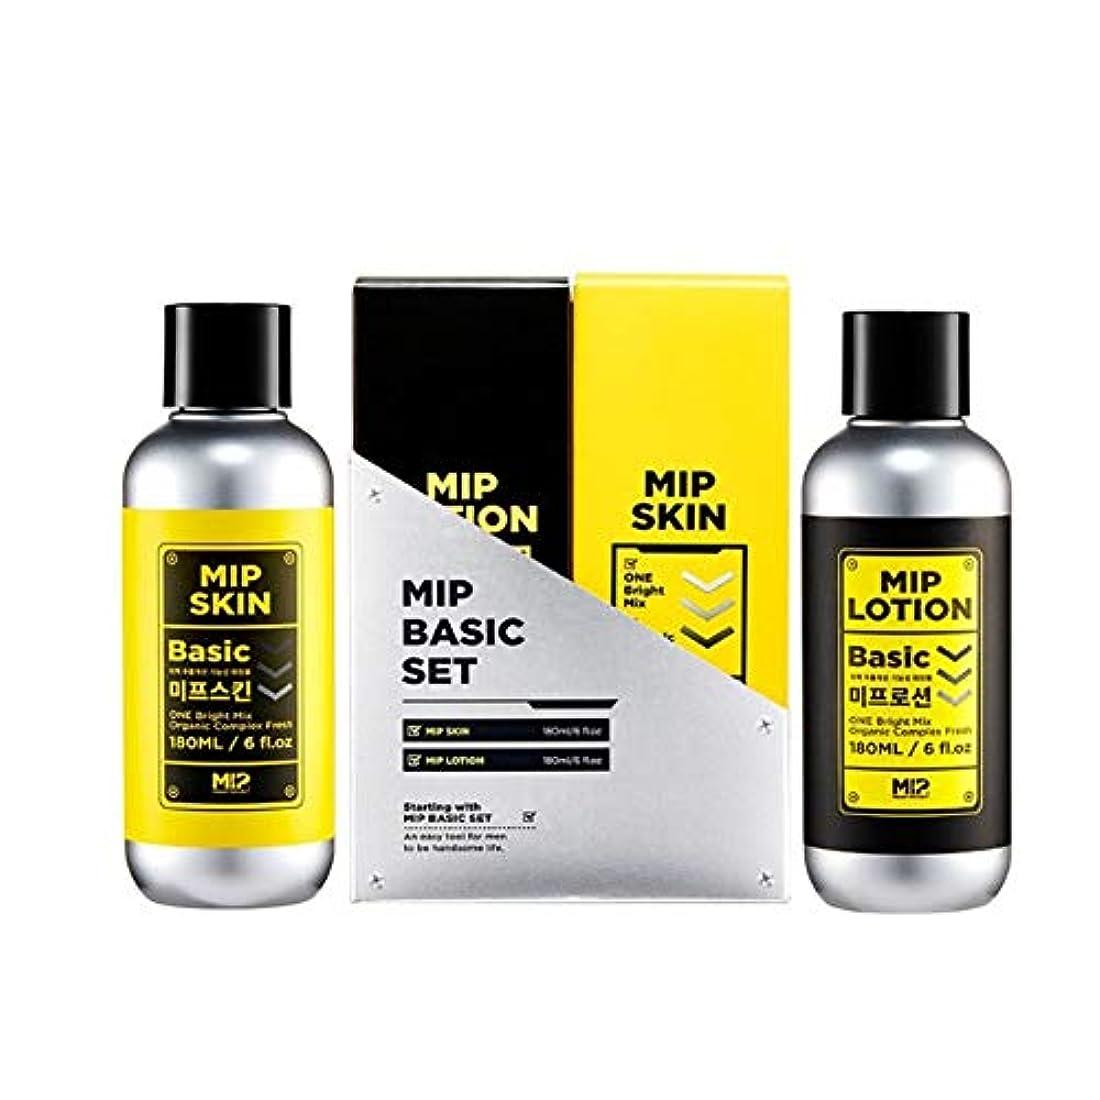 懐ジャングル残るミップスキン180mlローション180mlセットメンズコスメ韓国コスメ、Mip Skin 180ml Lotion 180ml Set Men's Cosmetics Korean Cosmetics [並行輸入品]